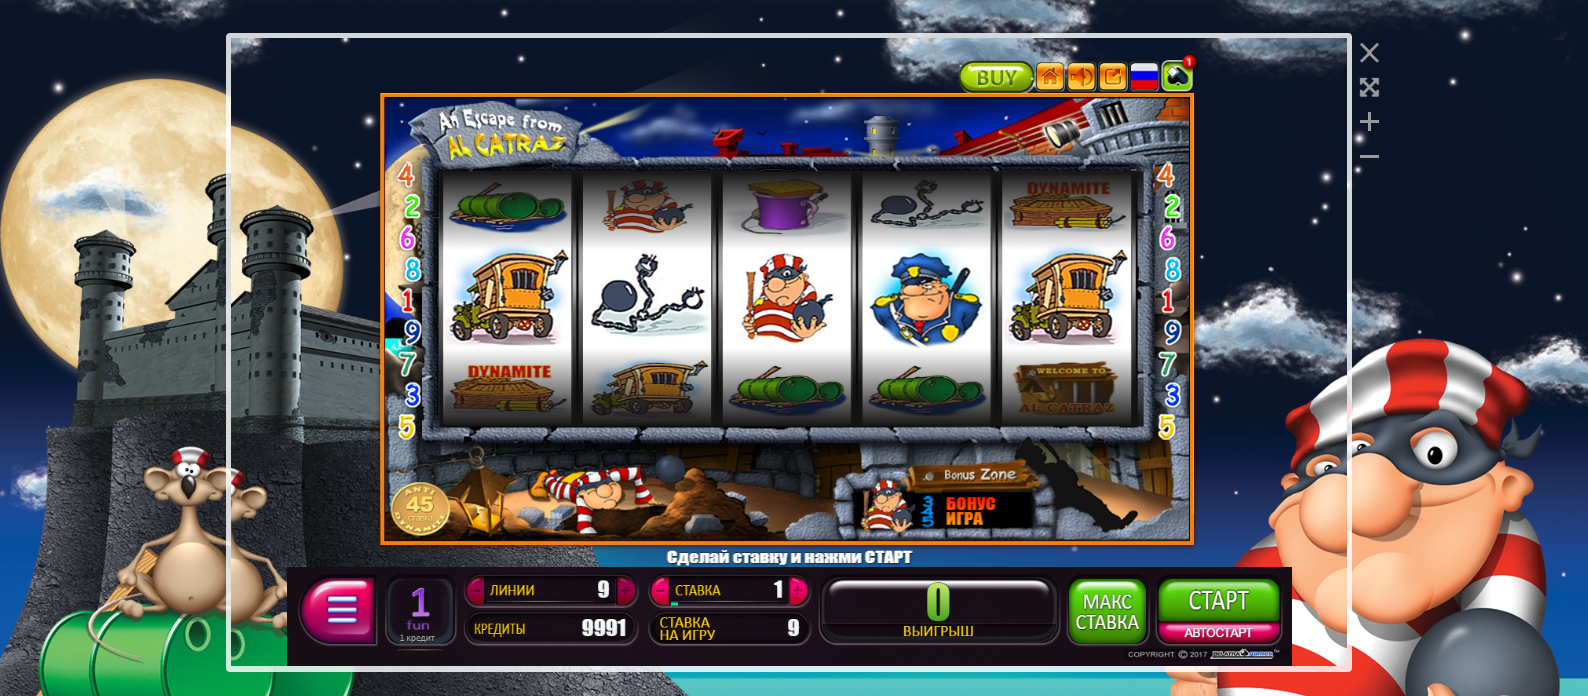 Промокоды онлайн казино Вулкан Удачи